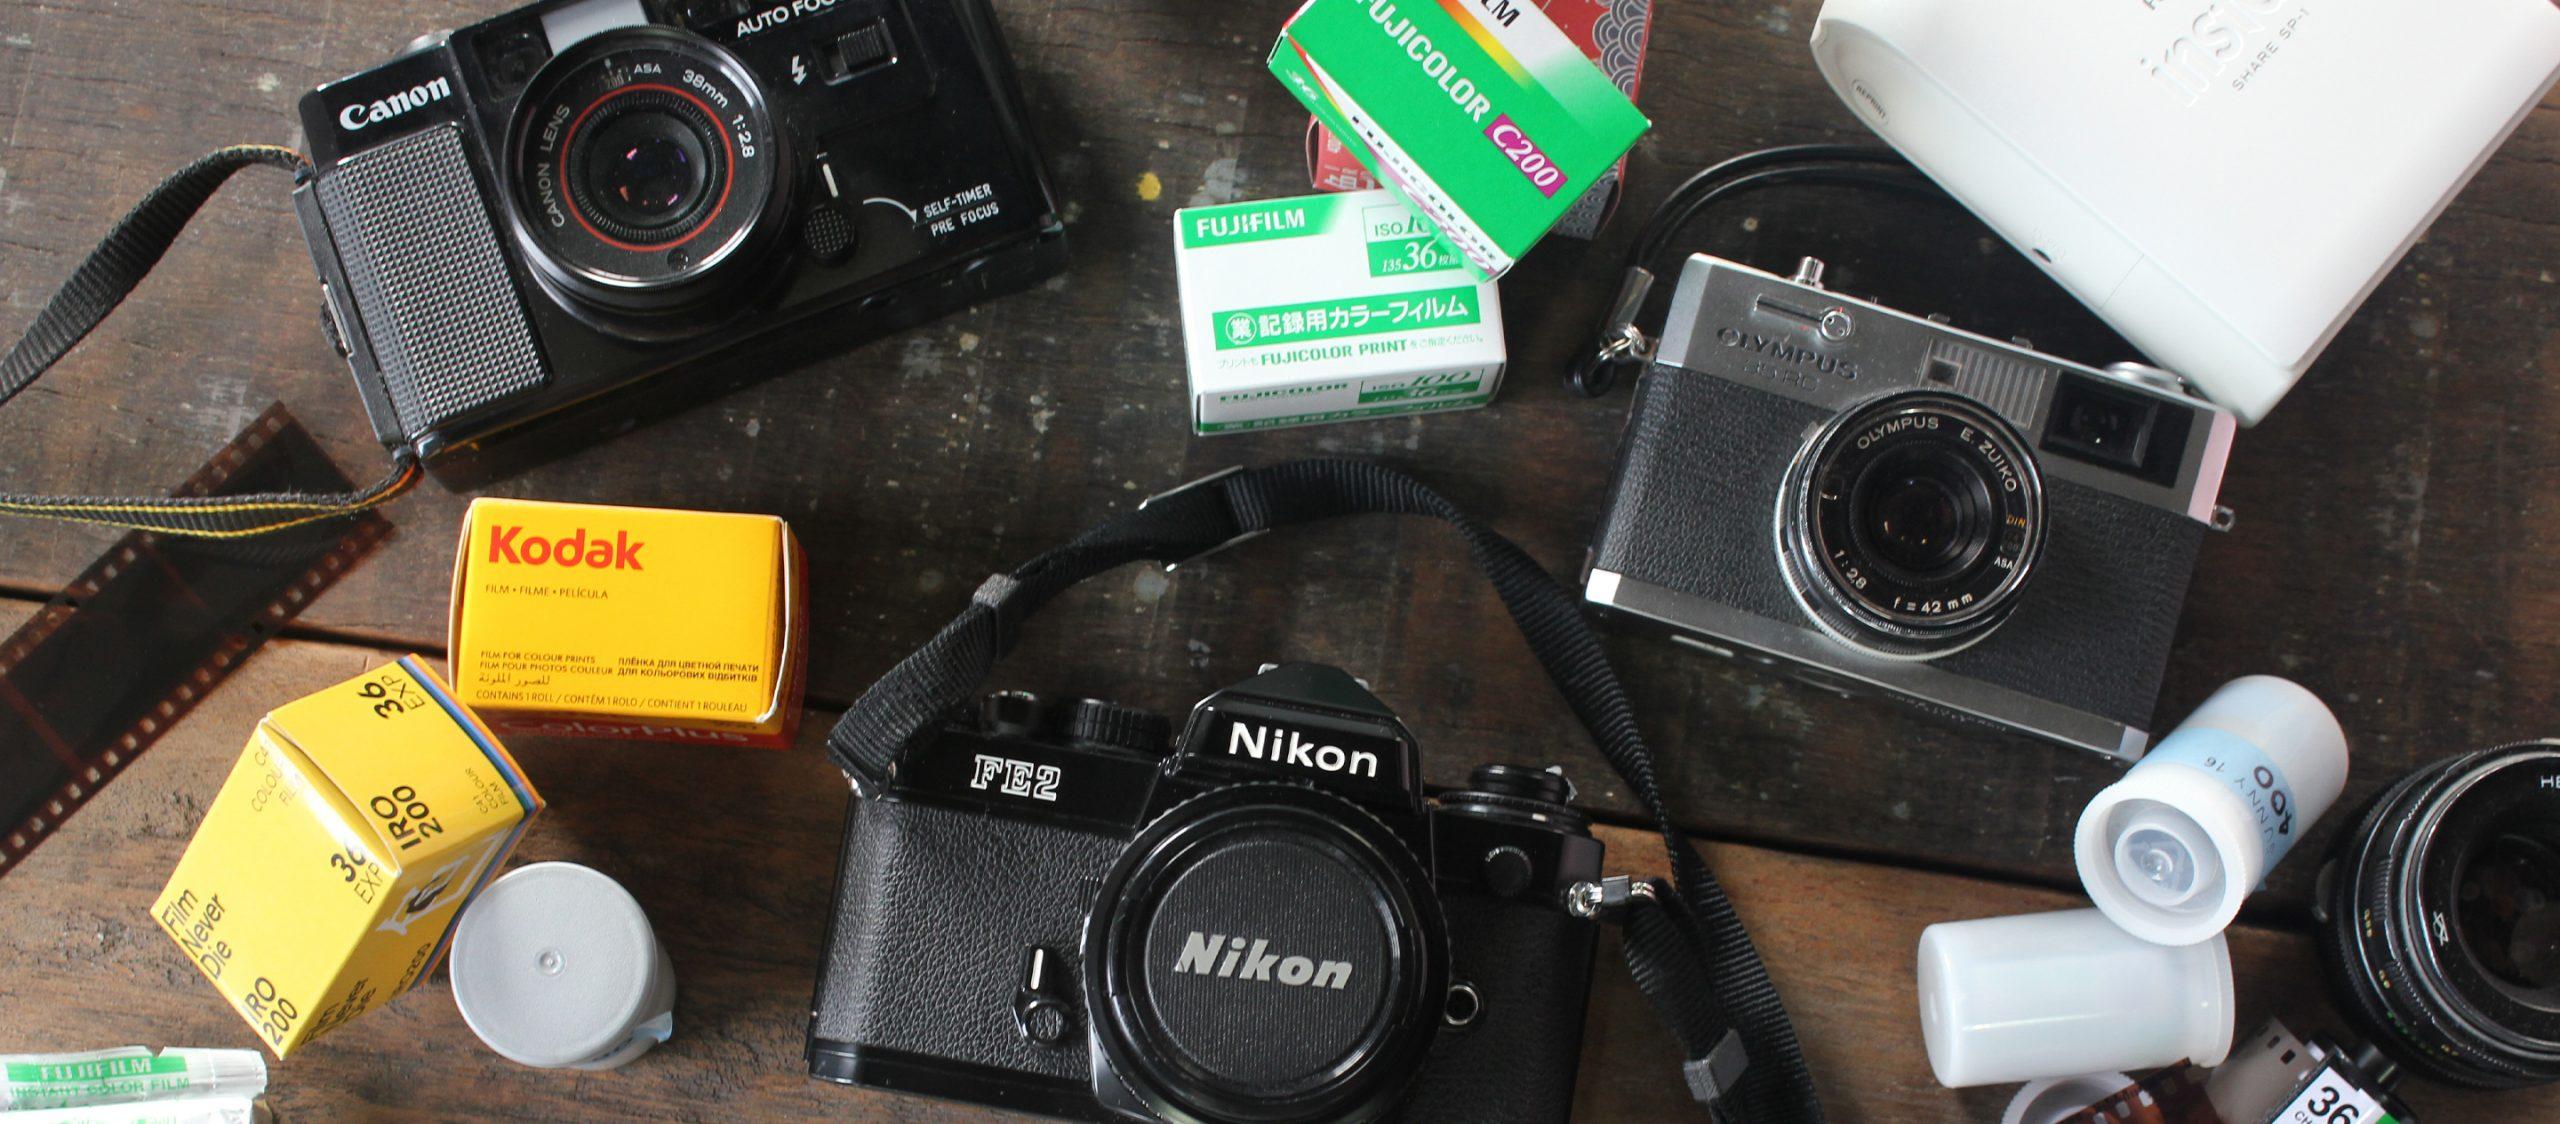 จากเซเลบเมืองนอกถึงฟิลเตอร์ IG ทำไมกล้องฟิล์มและรูปเกรนๆ ถึงบูมสุดๆ ในปีนี้